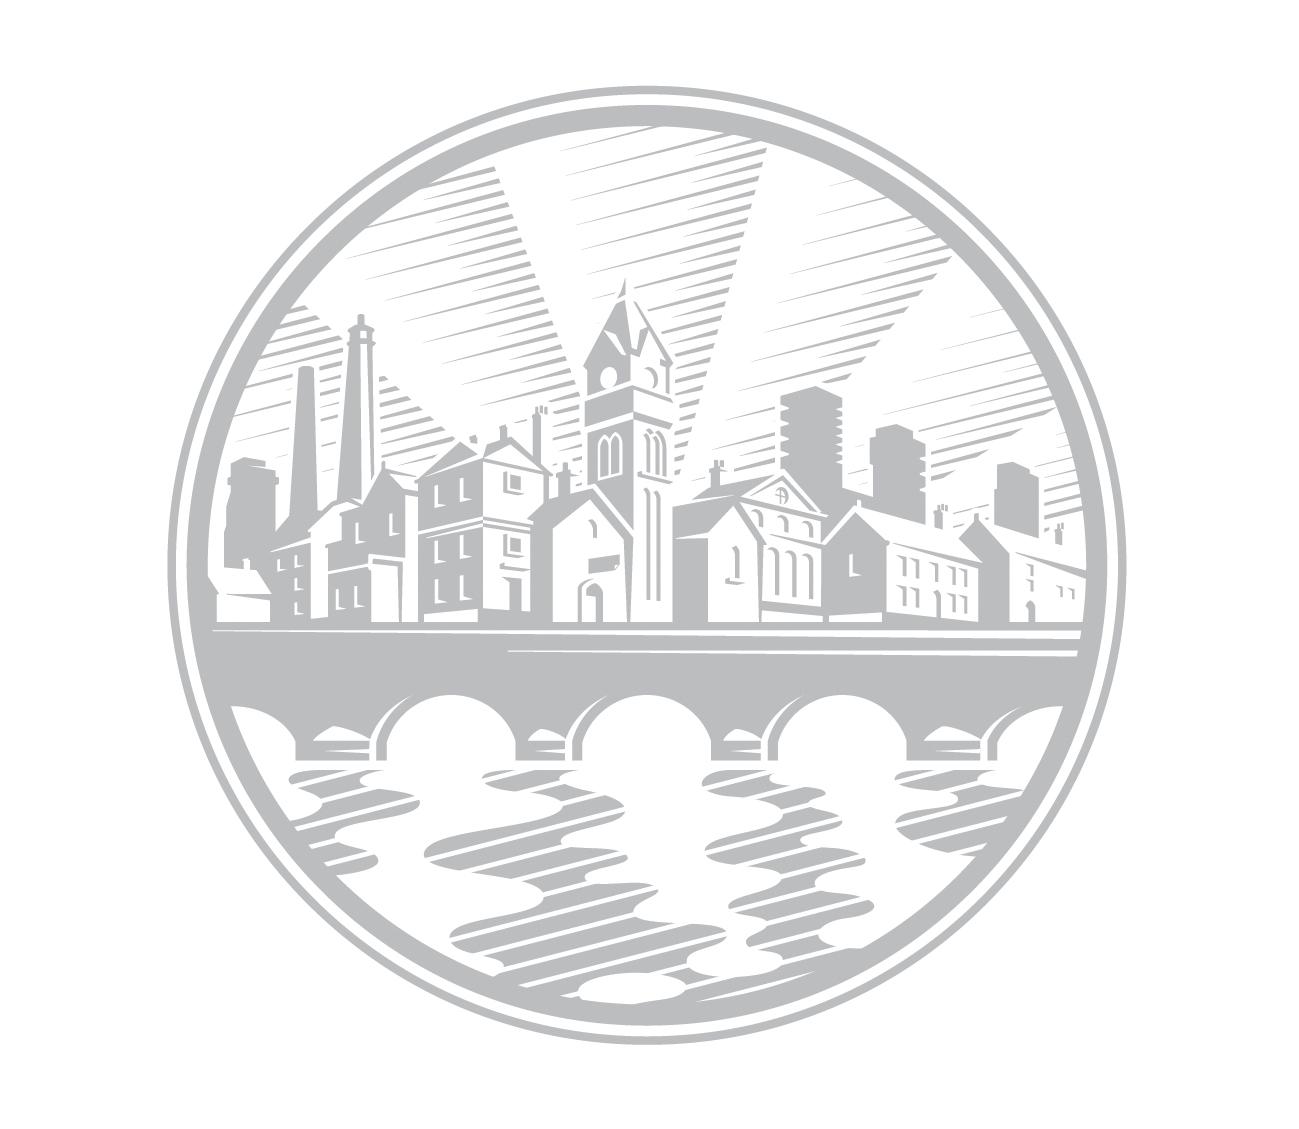 Watermark illustration